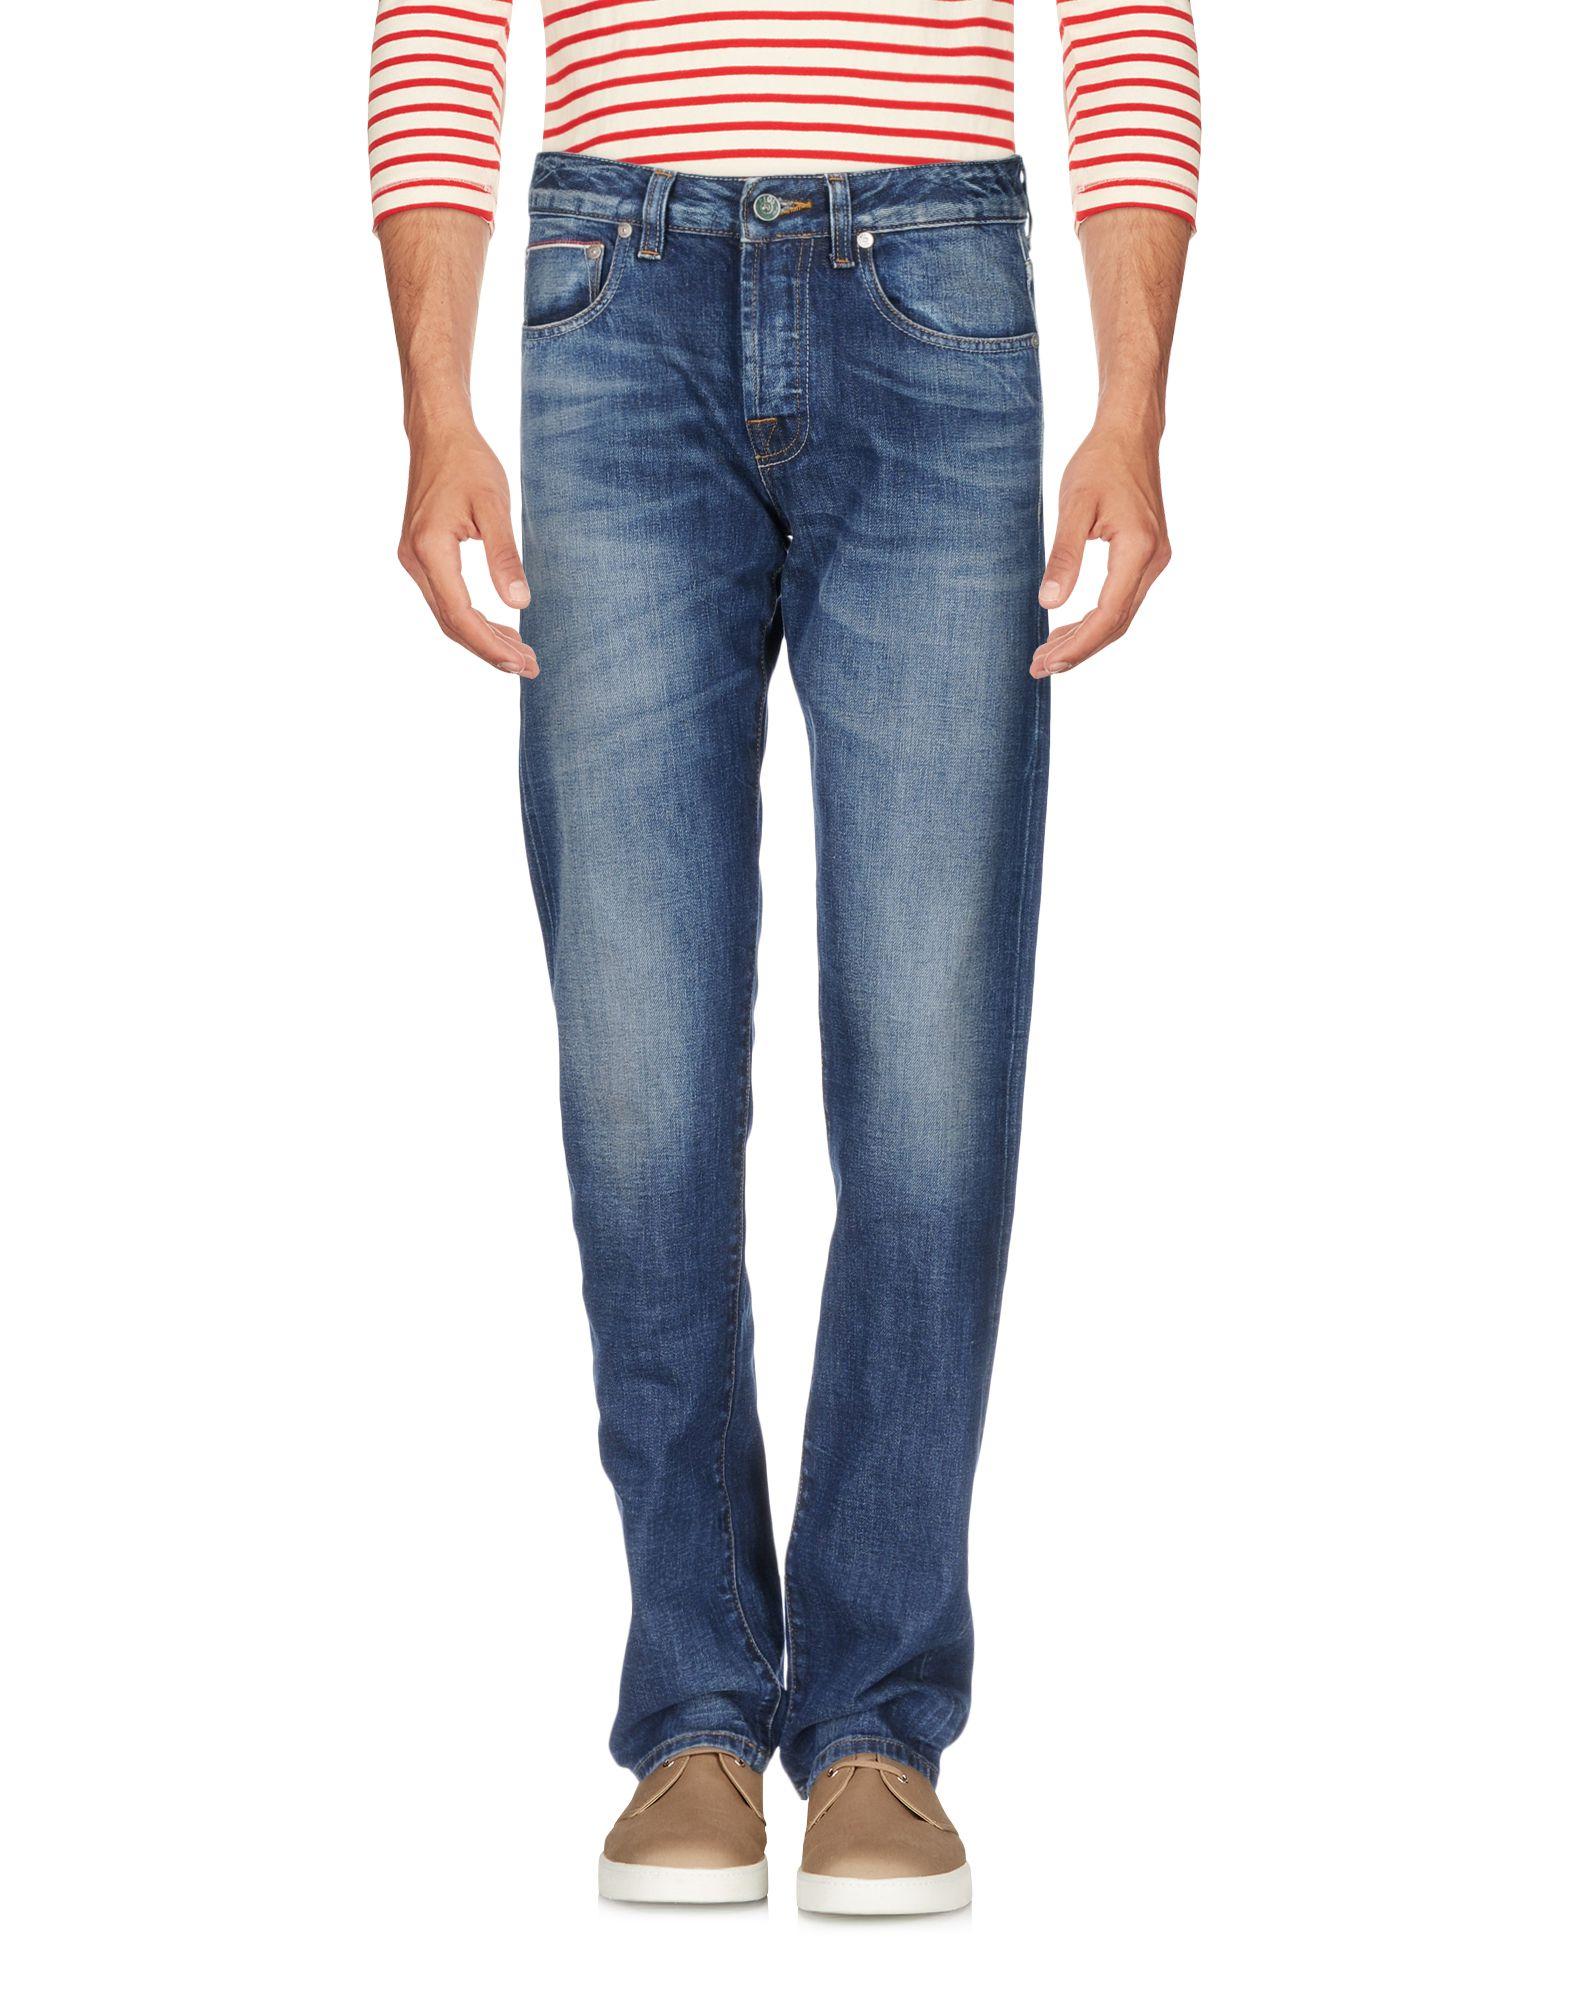 Pantaloni Jeans Pt05 Uomo - 42645953FK 42645953FK 42645953FK e29b5d